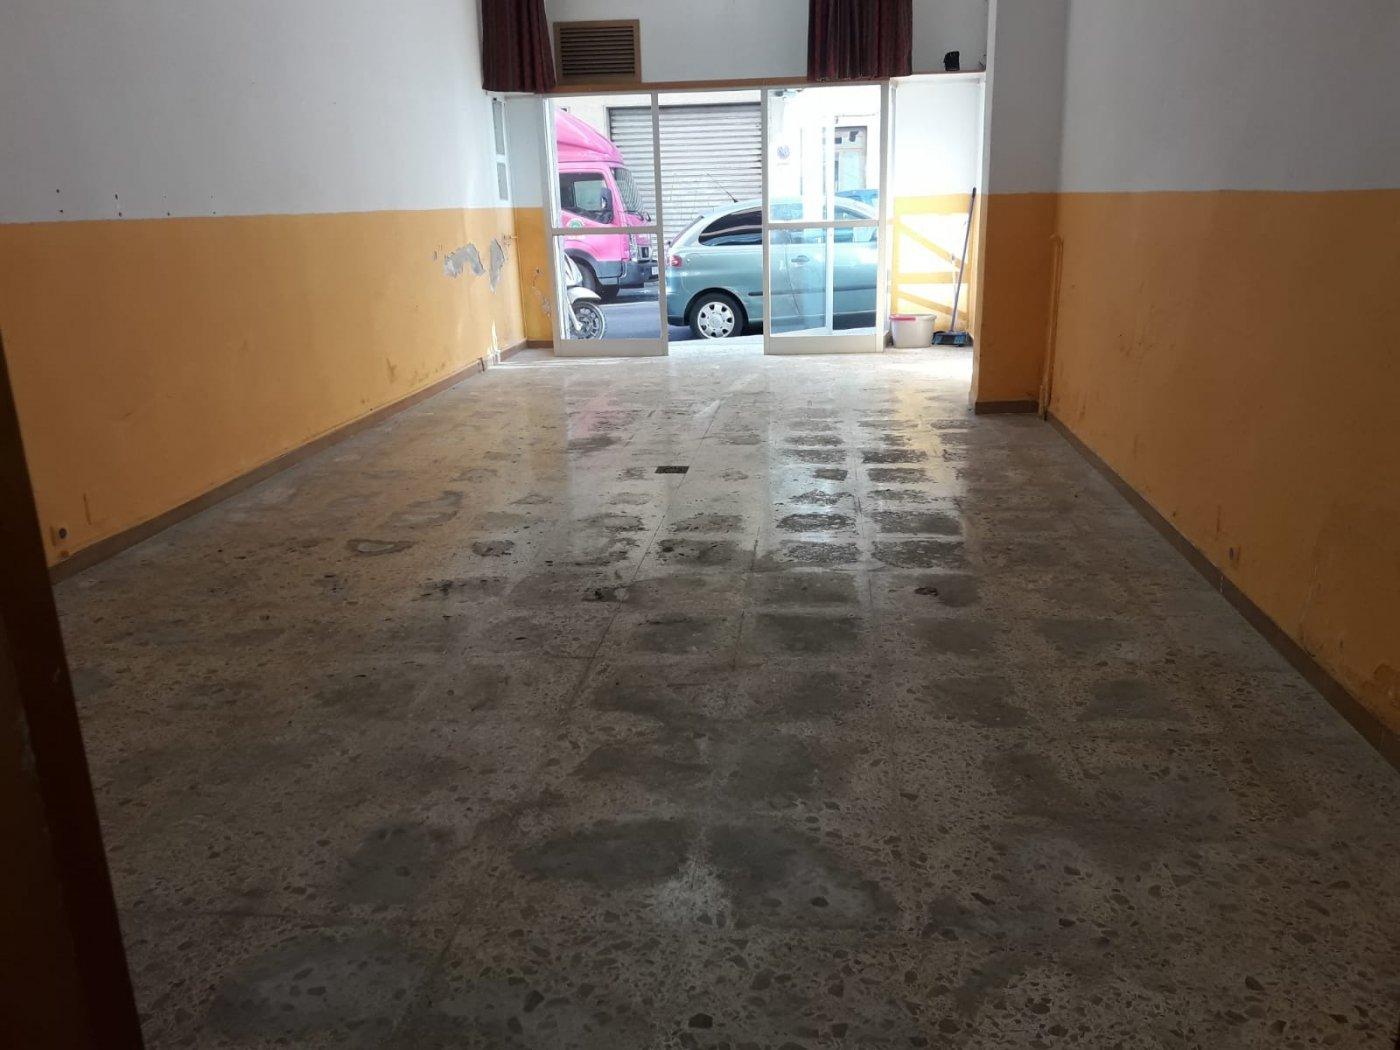 Locales comerciales - 01400